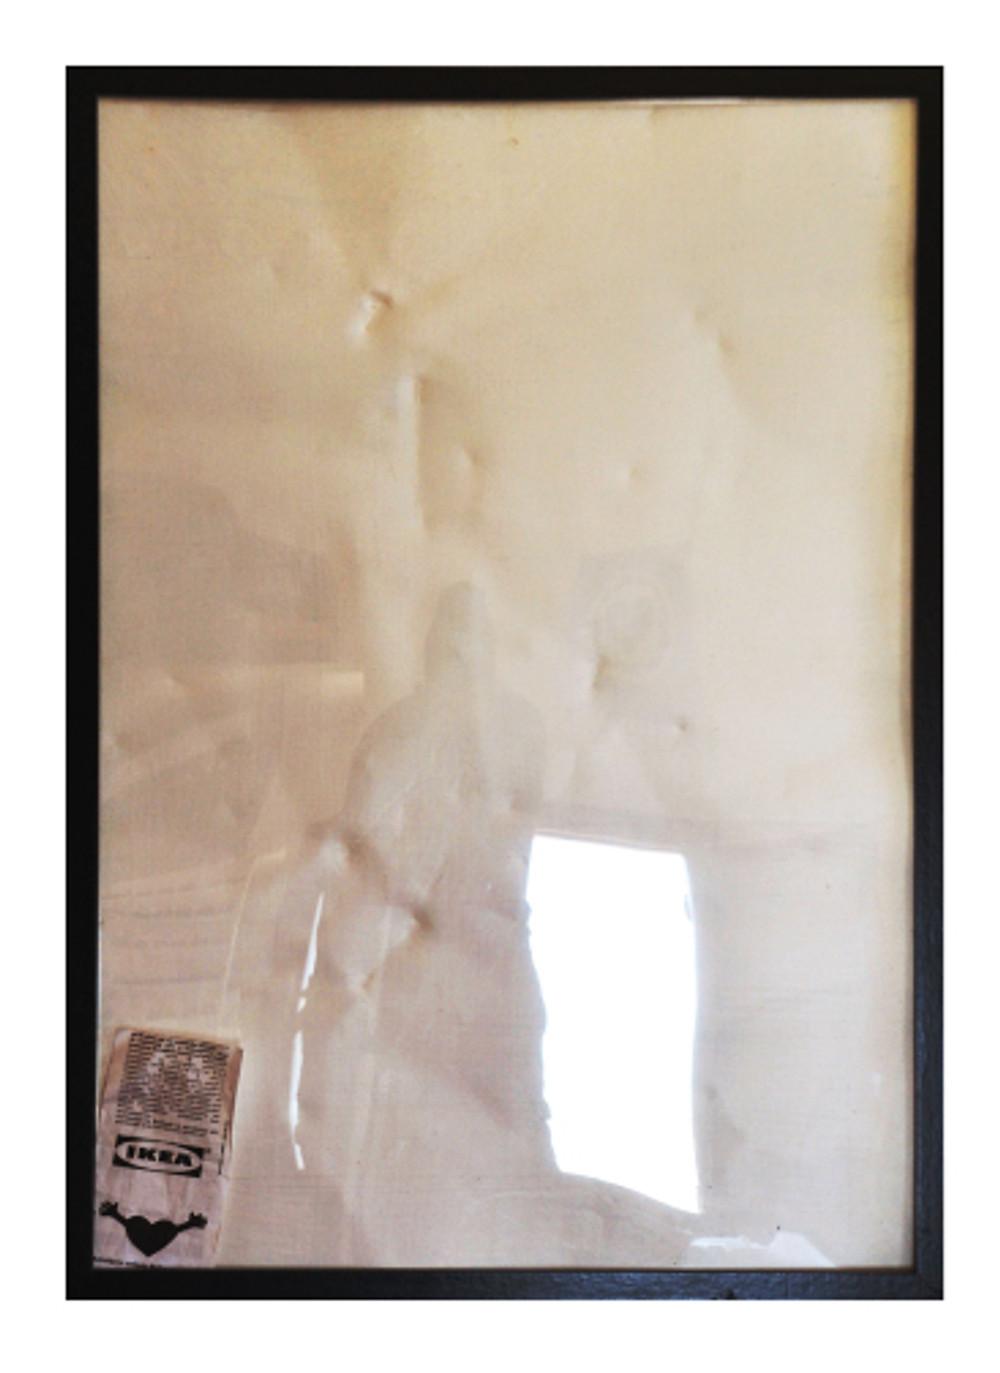 Προσοχή! μη του αφήσετε σημάδια, 50 Χ 70 cm, λαμαρίνα, αστάρι, κορνίζα ΙΚΕΑ, 2017